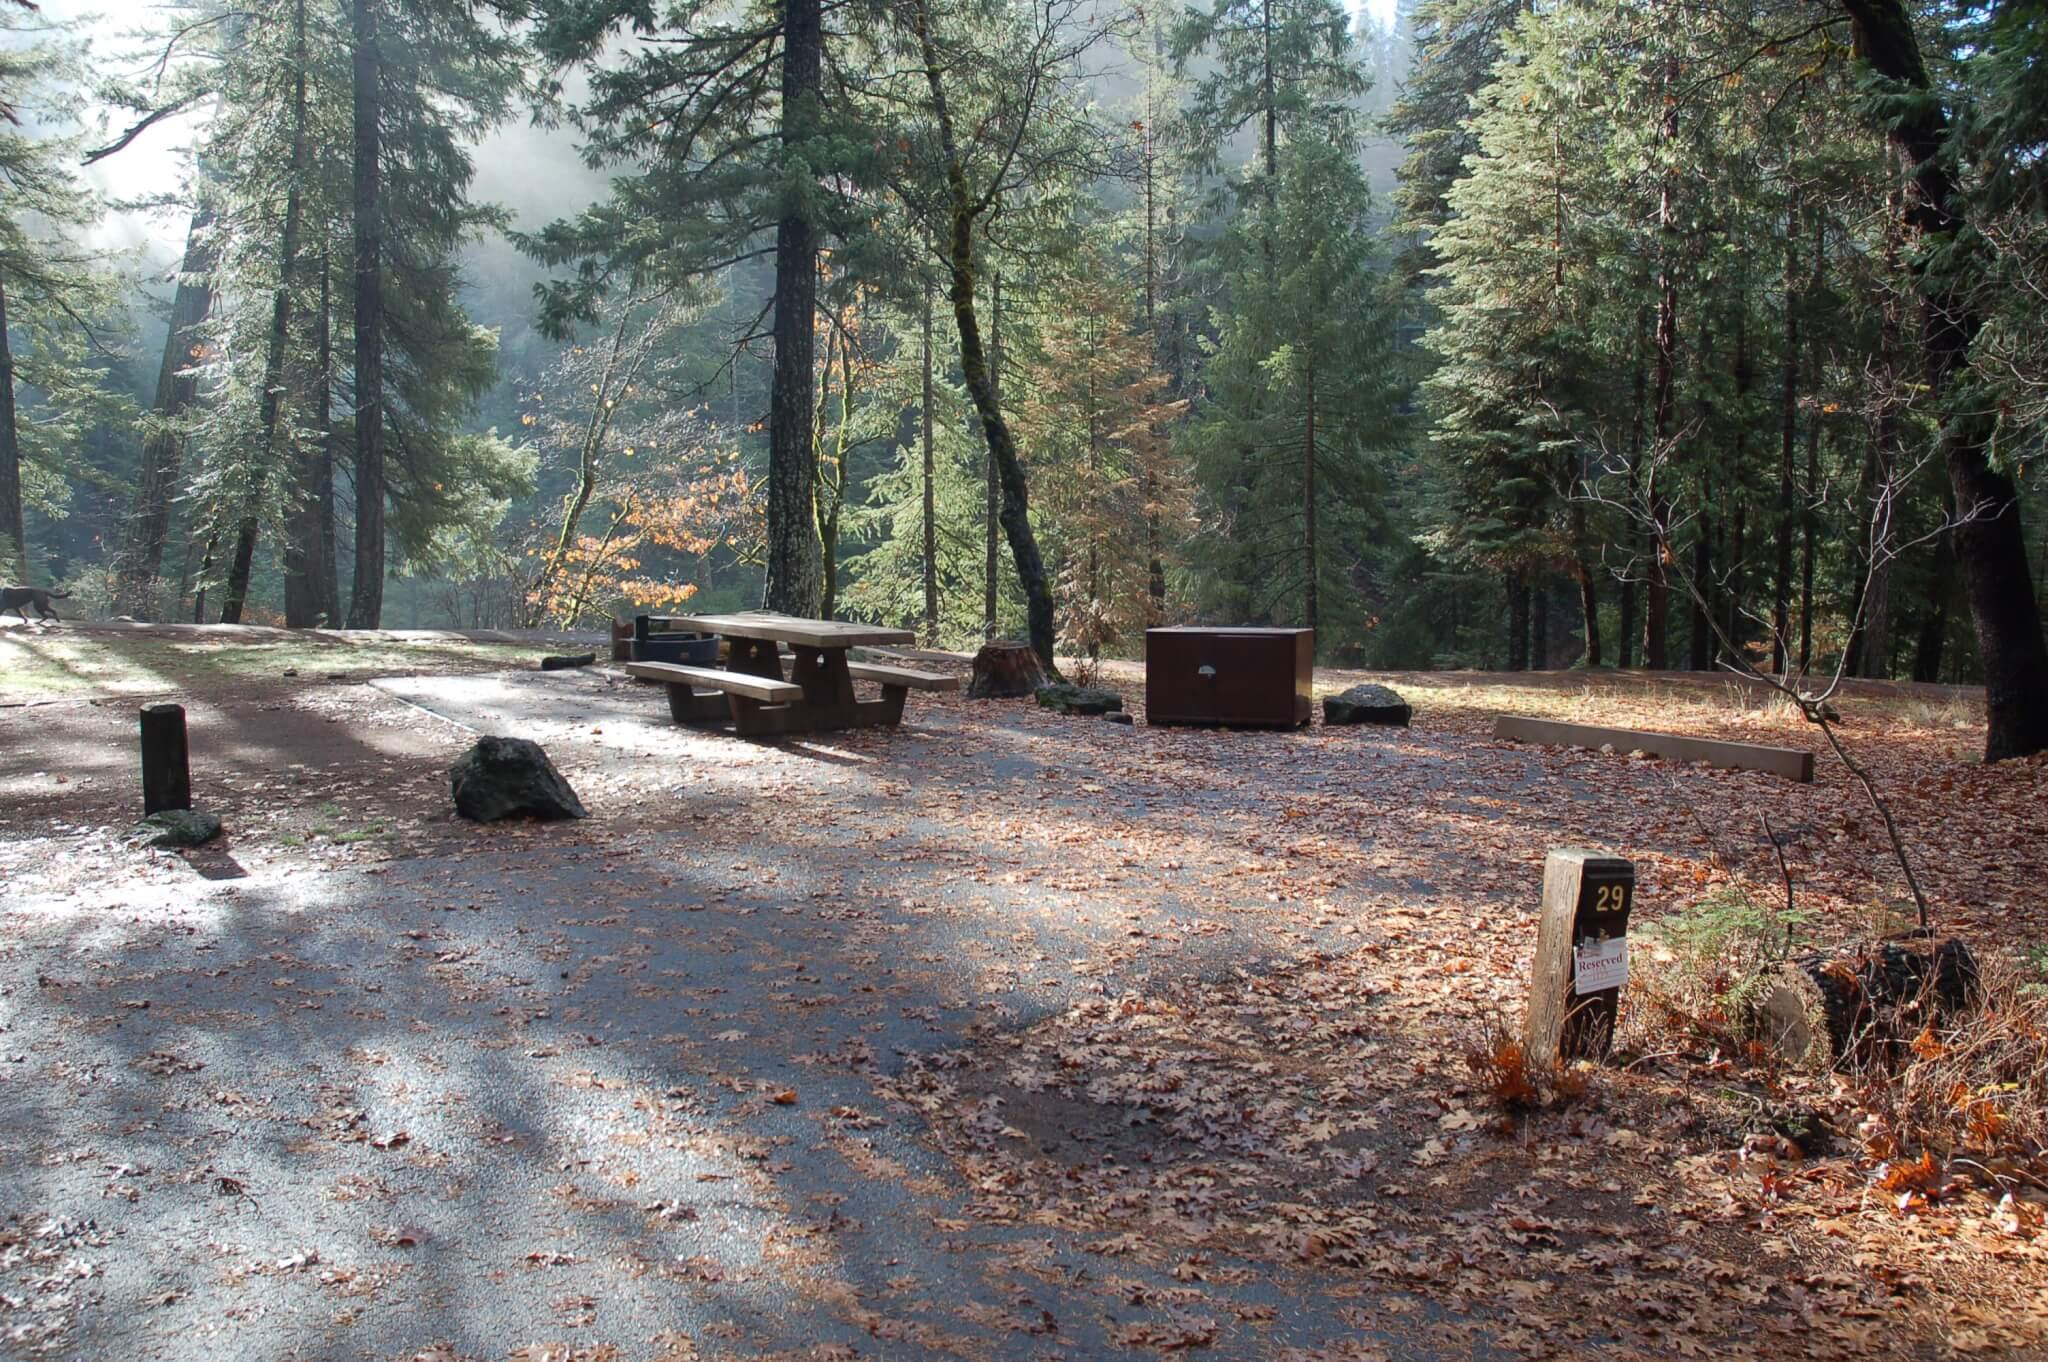 Fowlers Campground - Site 29 - CampsitePhotos.com